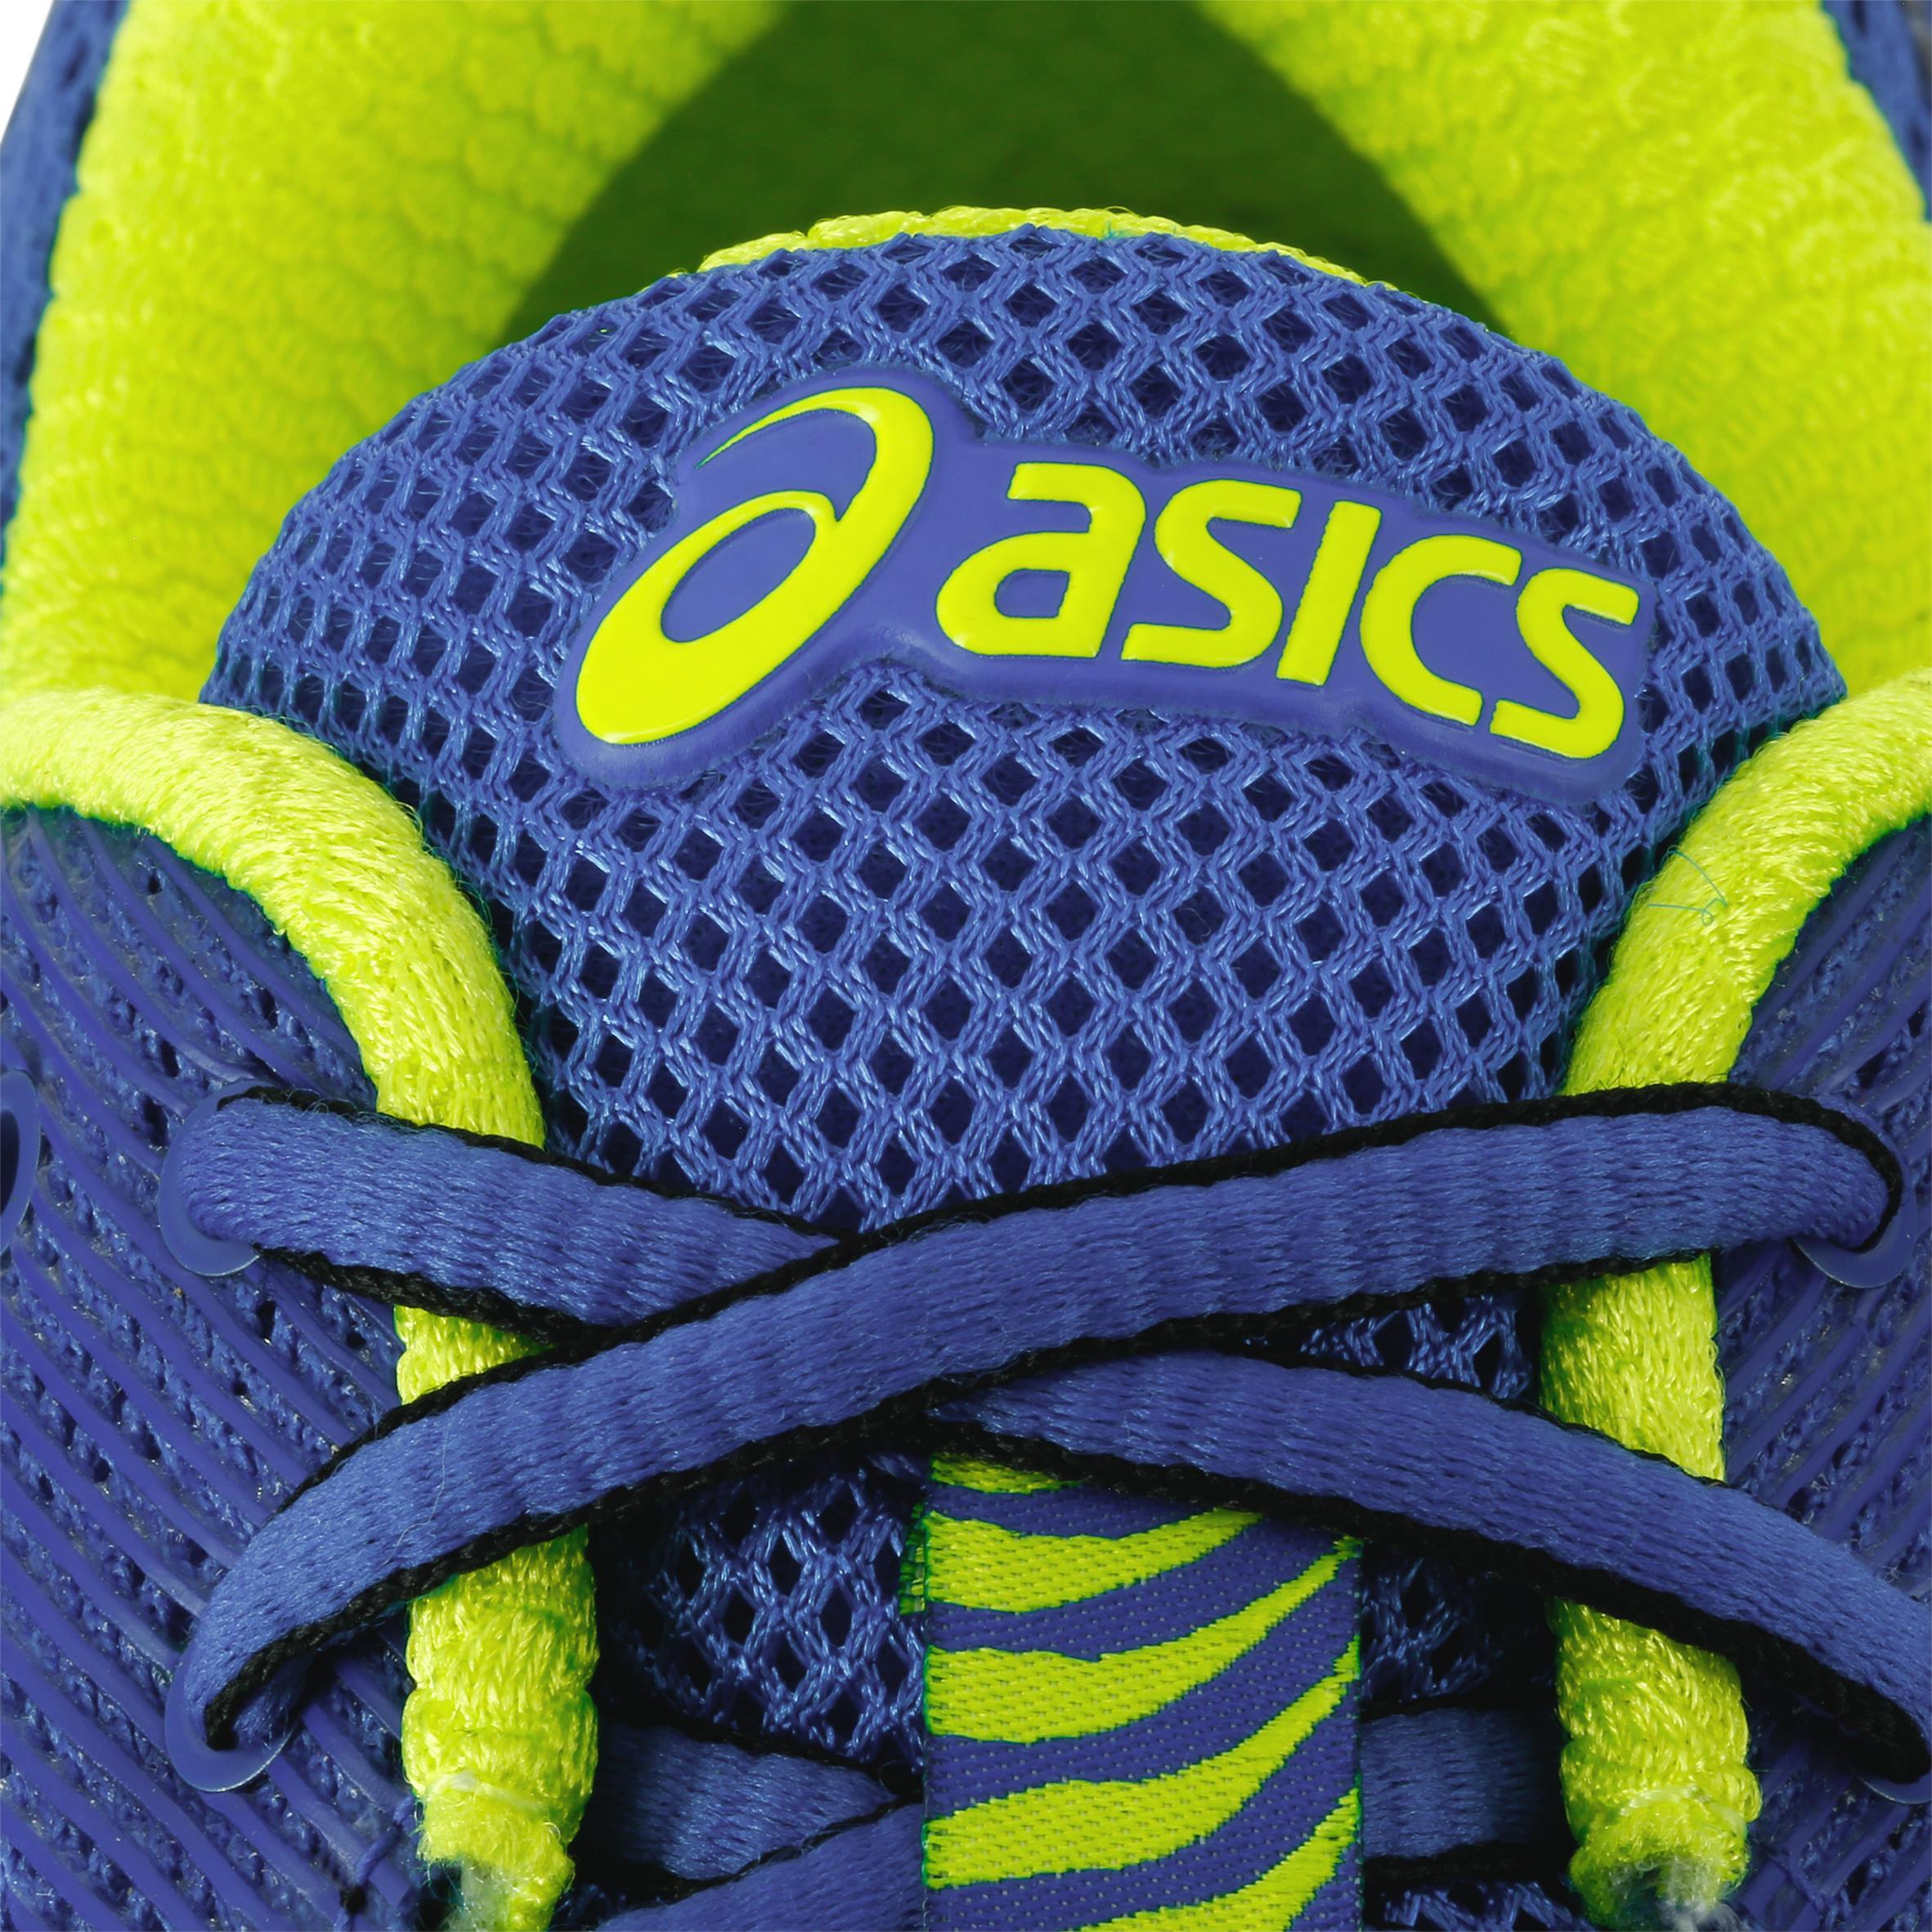 chaussures running asics gel ziruss homme bleu jaune